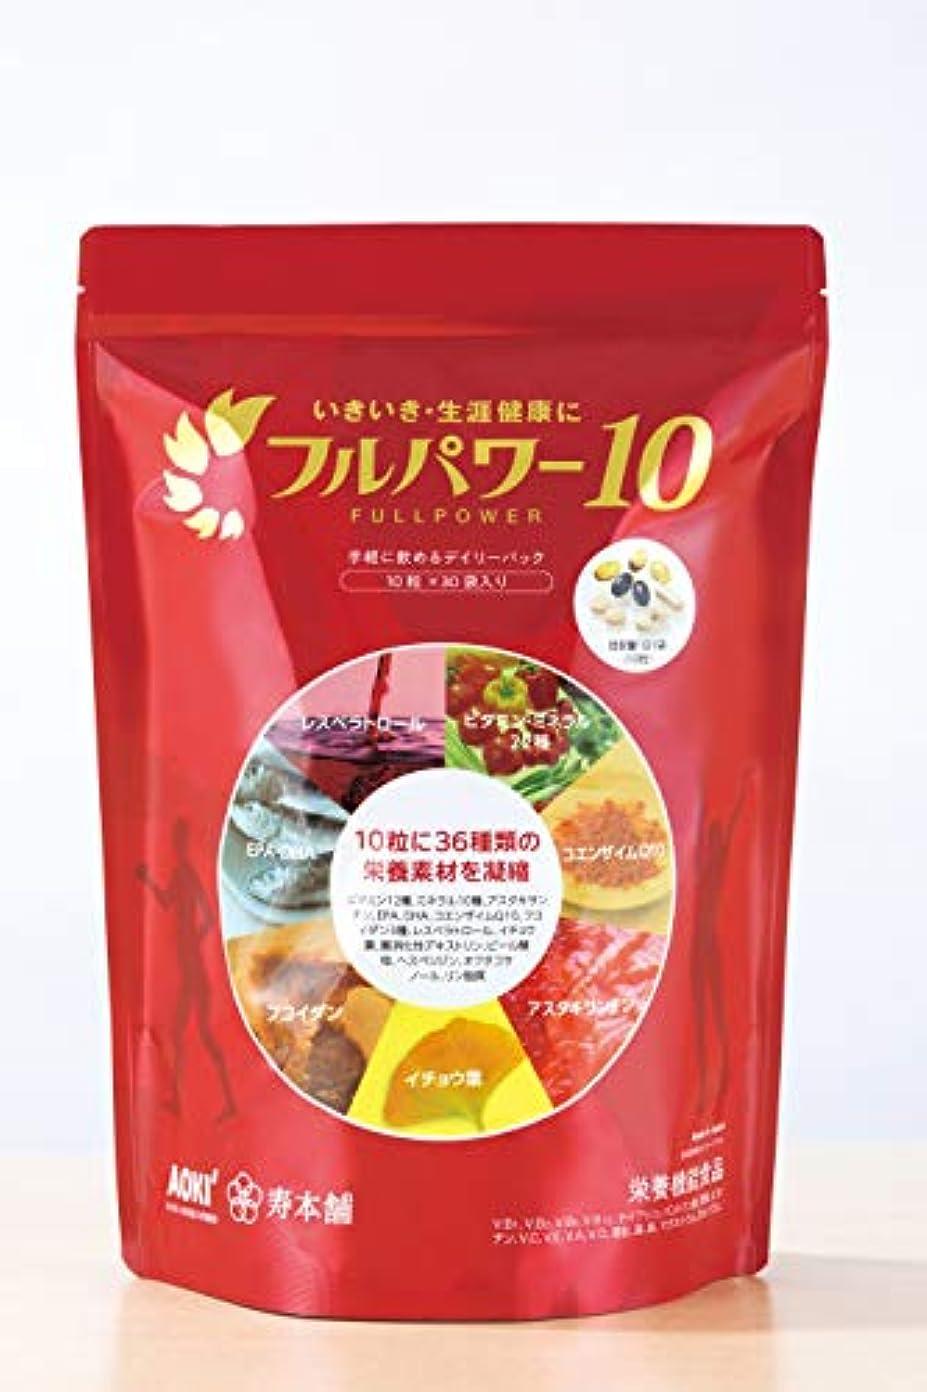 晩餐広大な大胆なフルパワー10[30袋入](1袋10粒入)不足しやすい栄養を補給するサプリメント